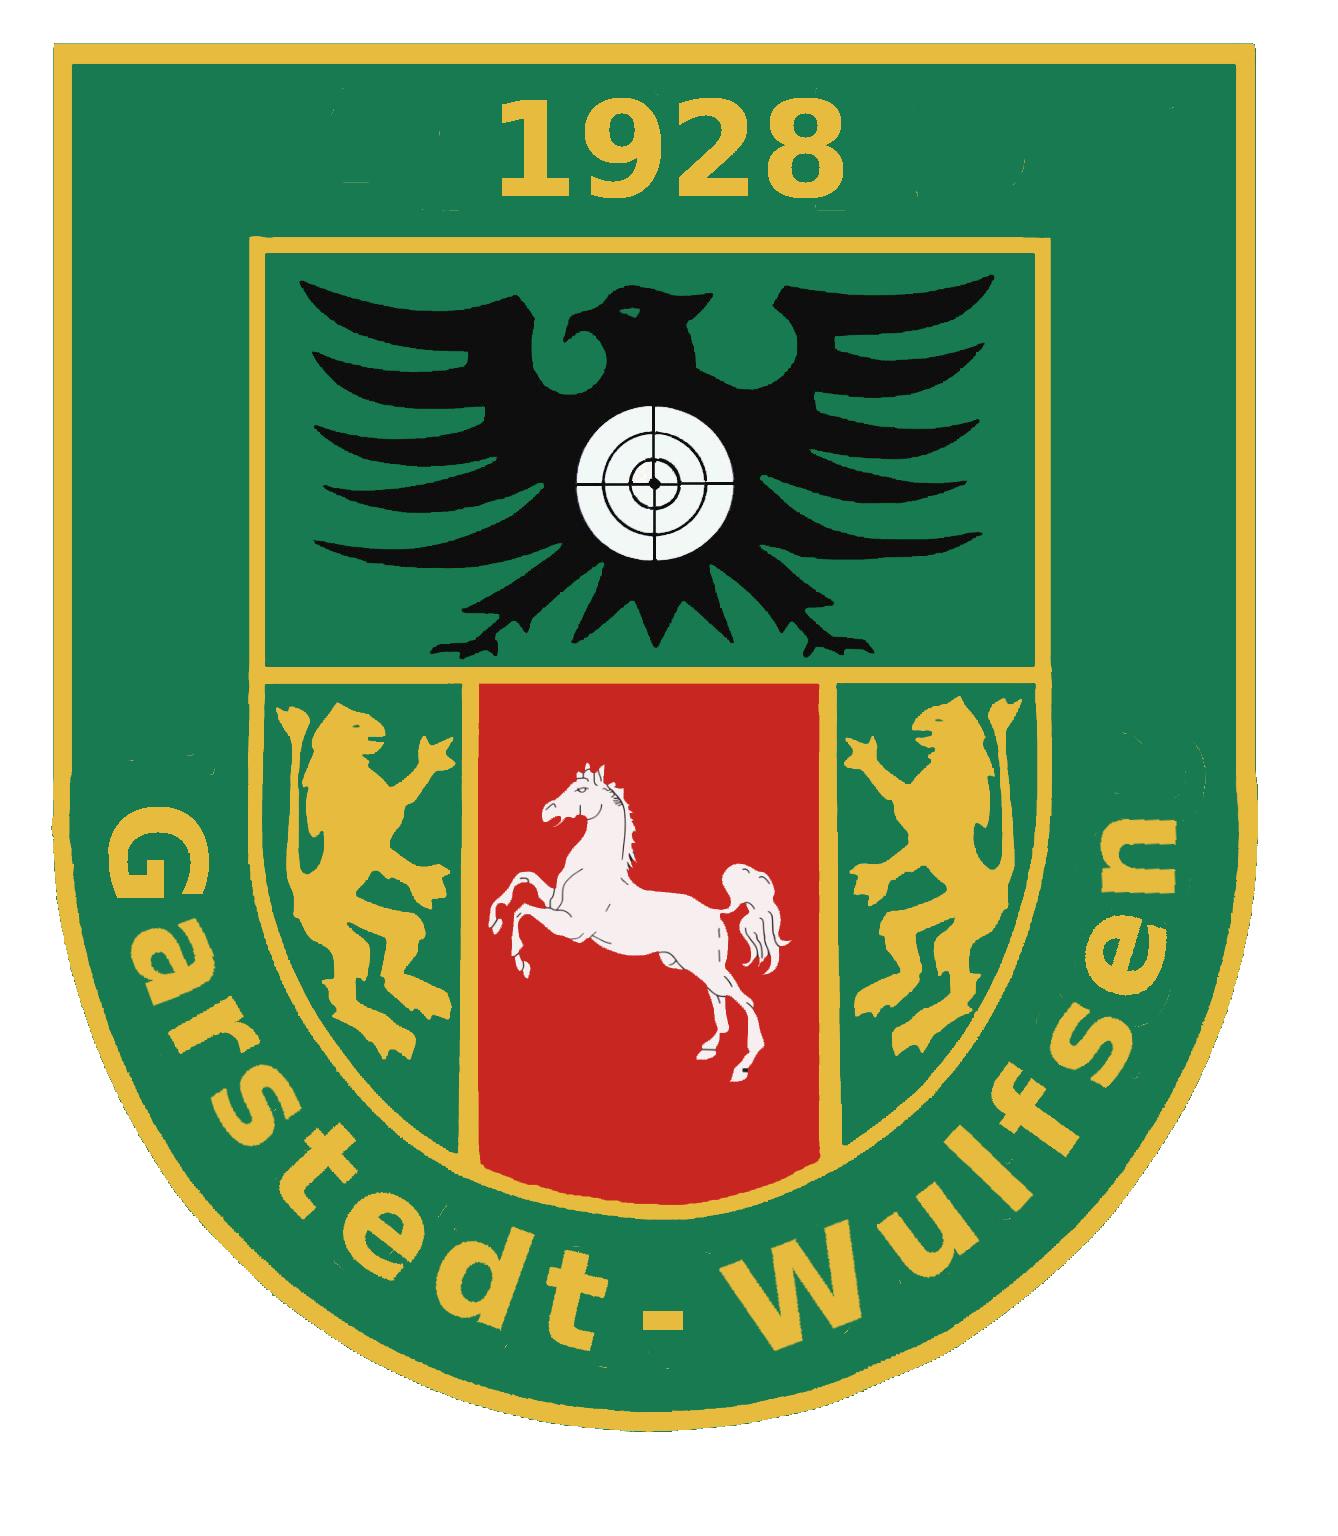 Garstedt_wulfsen